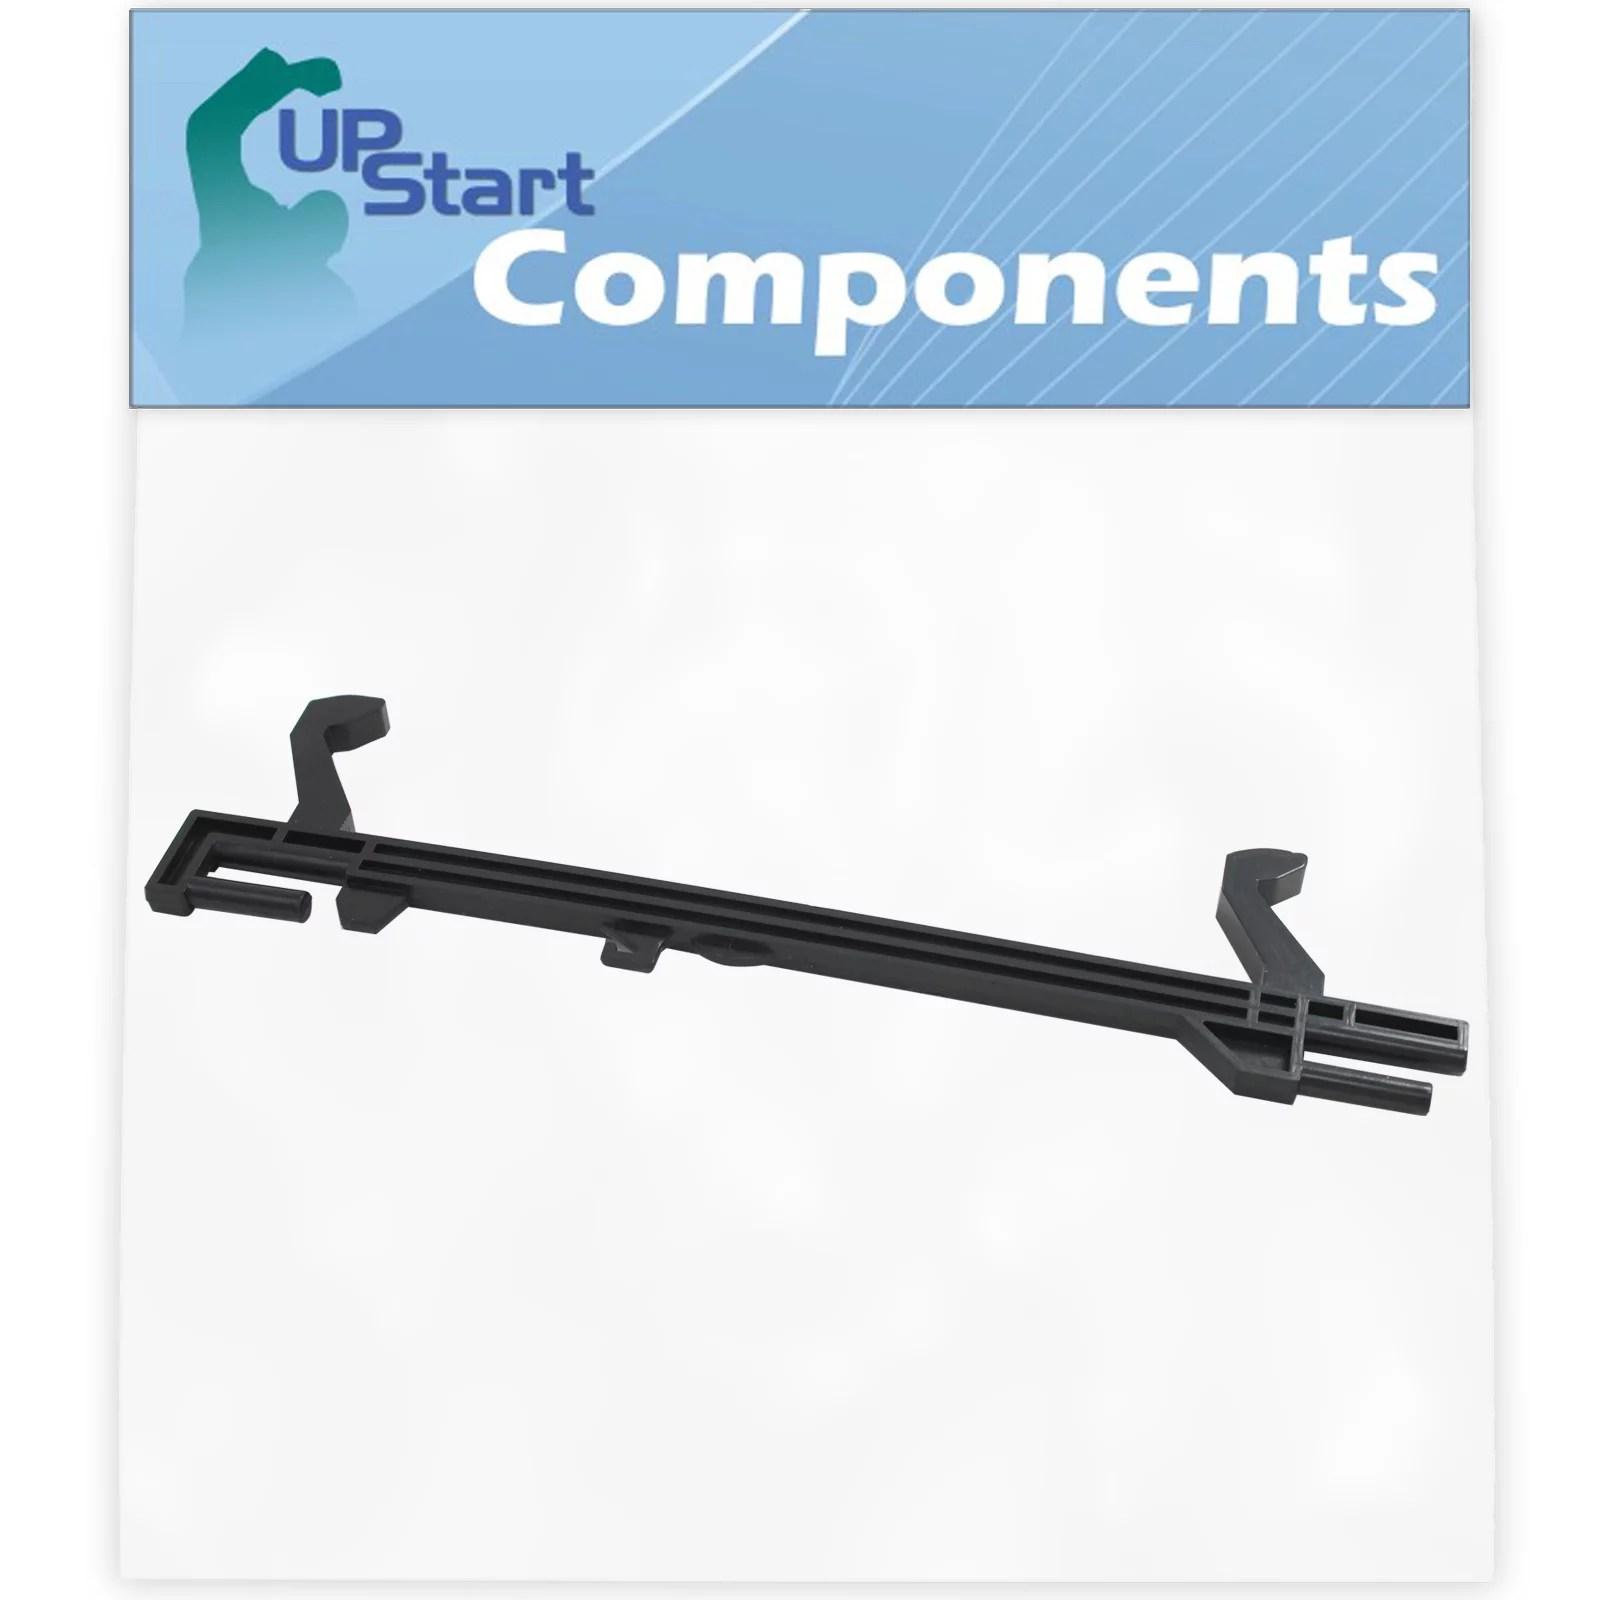 de64 00760a microwave door hooj replacement for samsung me18h704sfs aa 00 compatible with de64 01308a key door latch